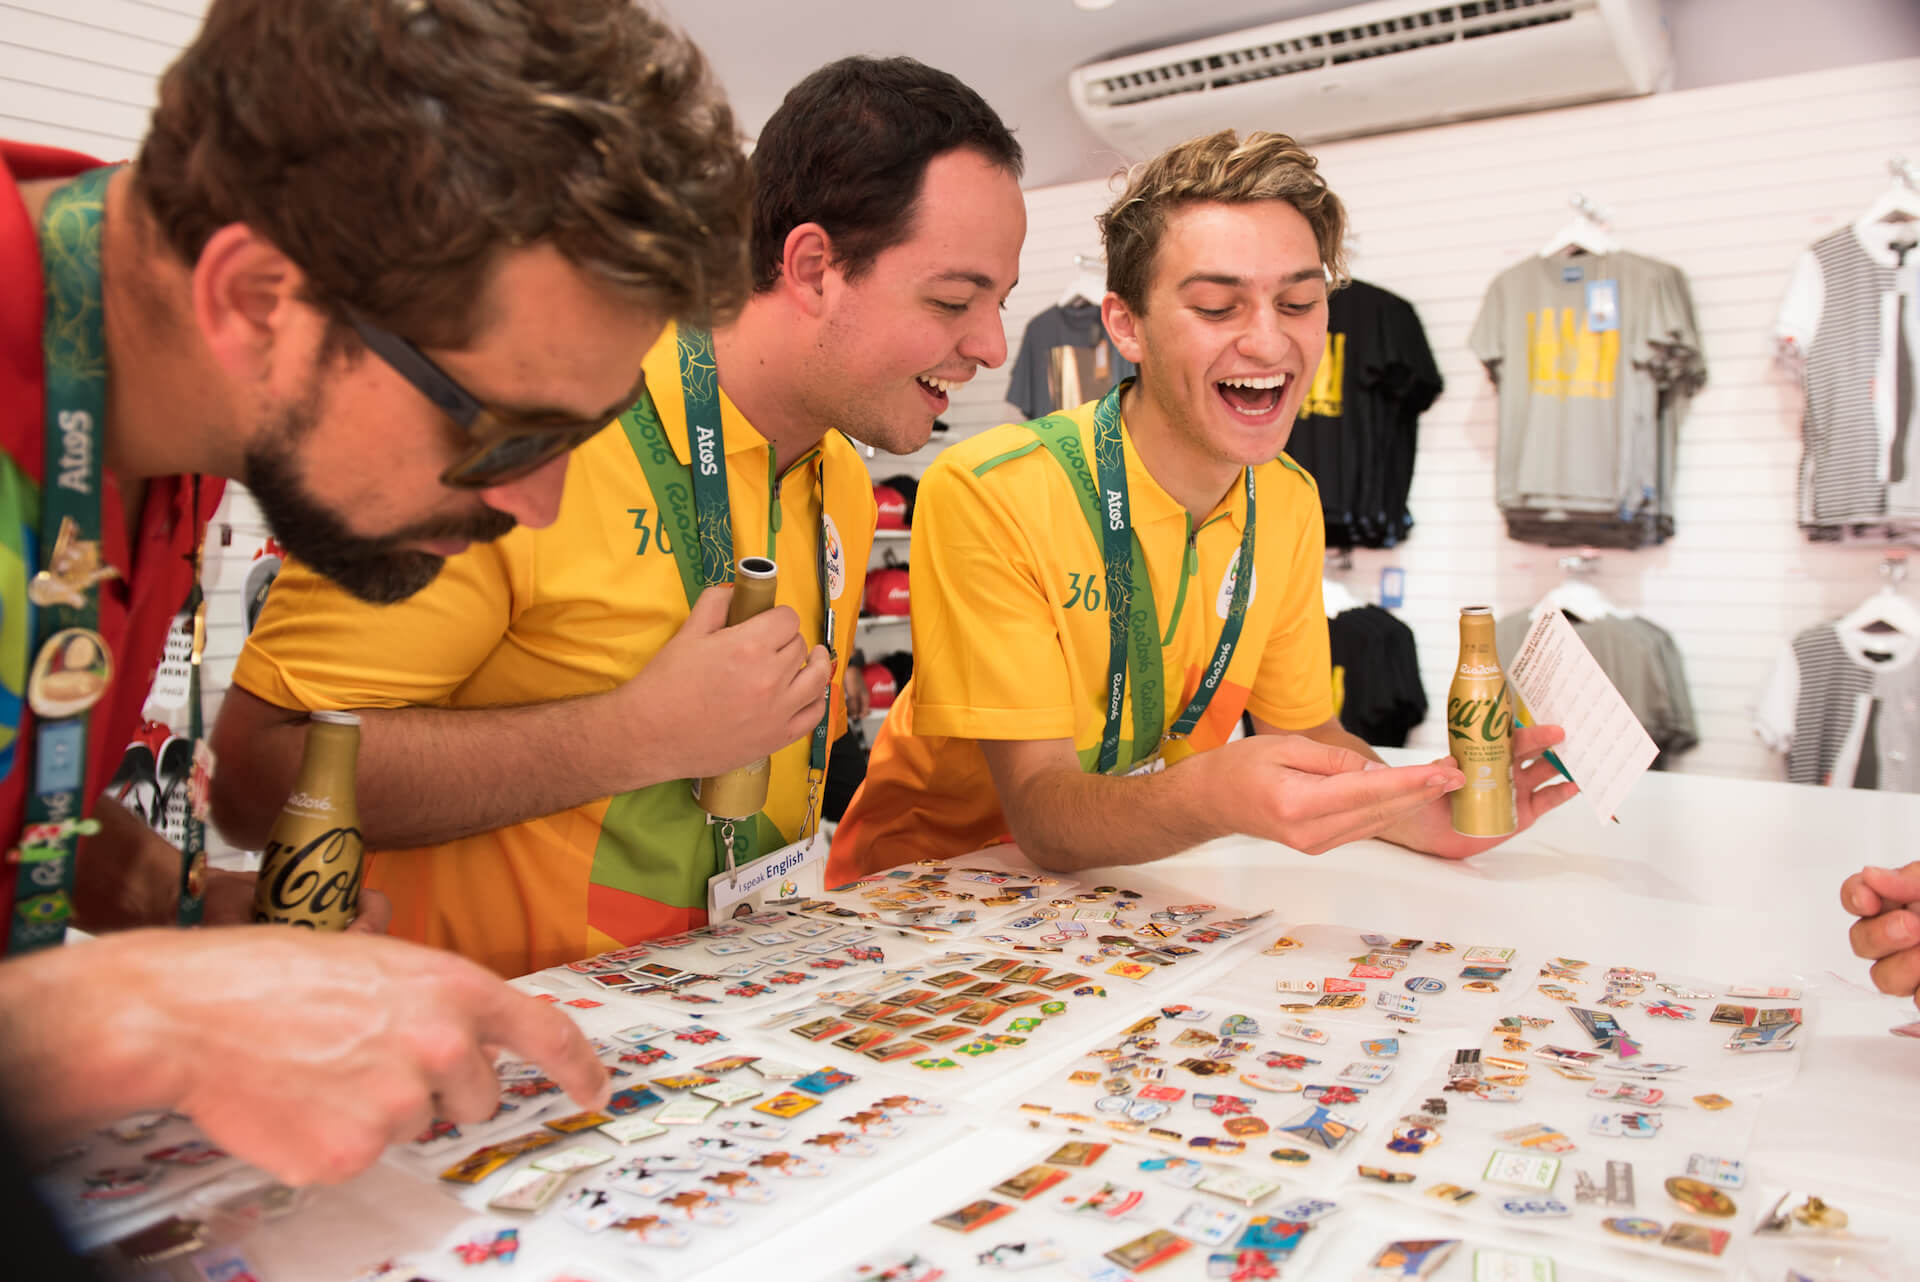 VERDYデザインのオリジナルピンから紐解く、コカ・コーラ社が東京2020オリンピックに込める想い interview-cocacola-verdy-7